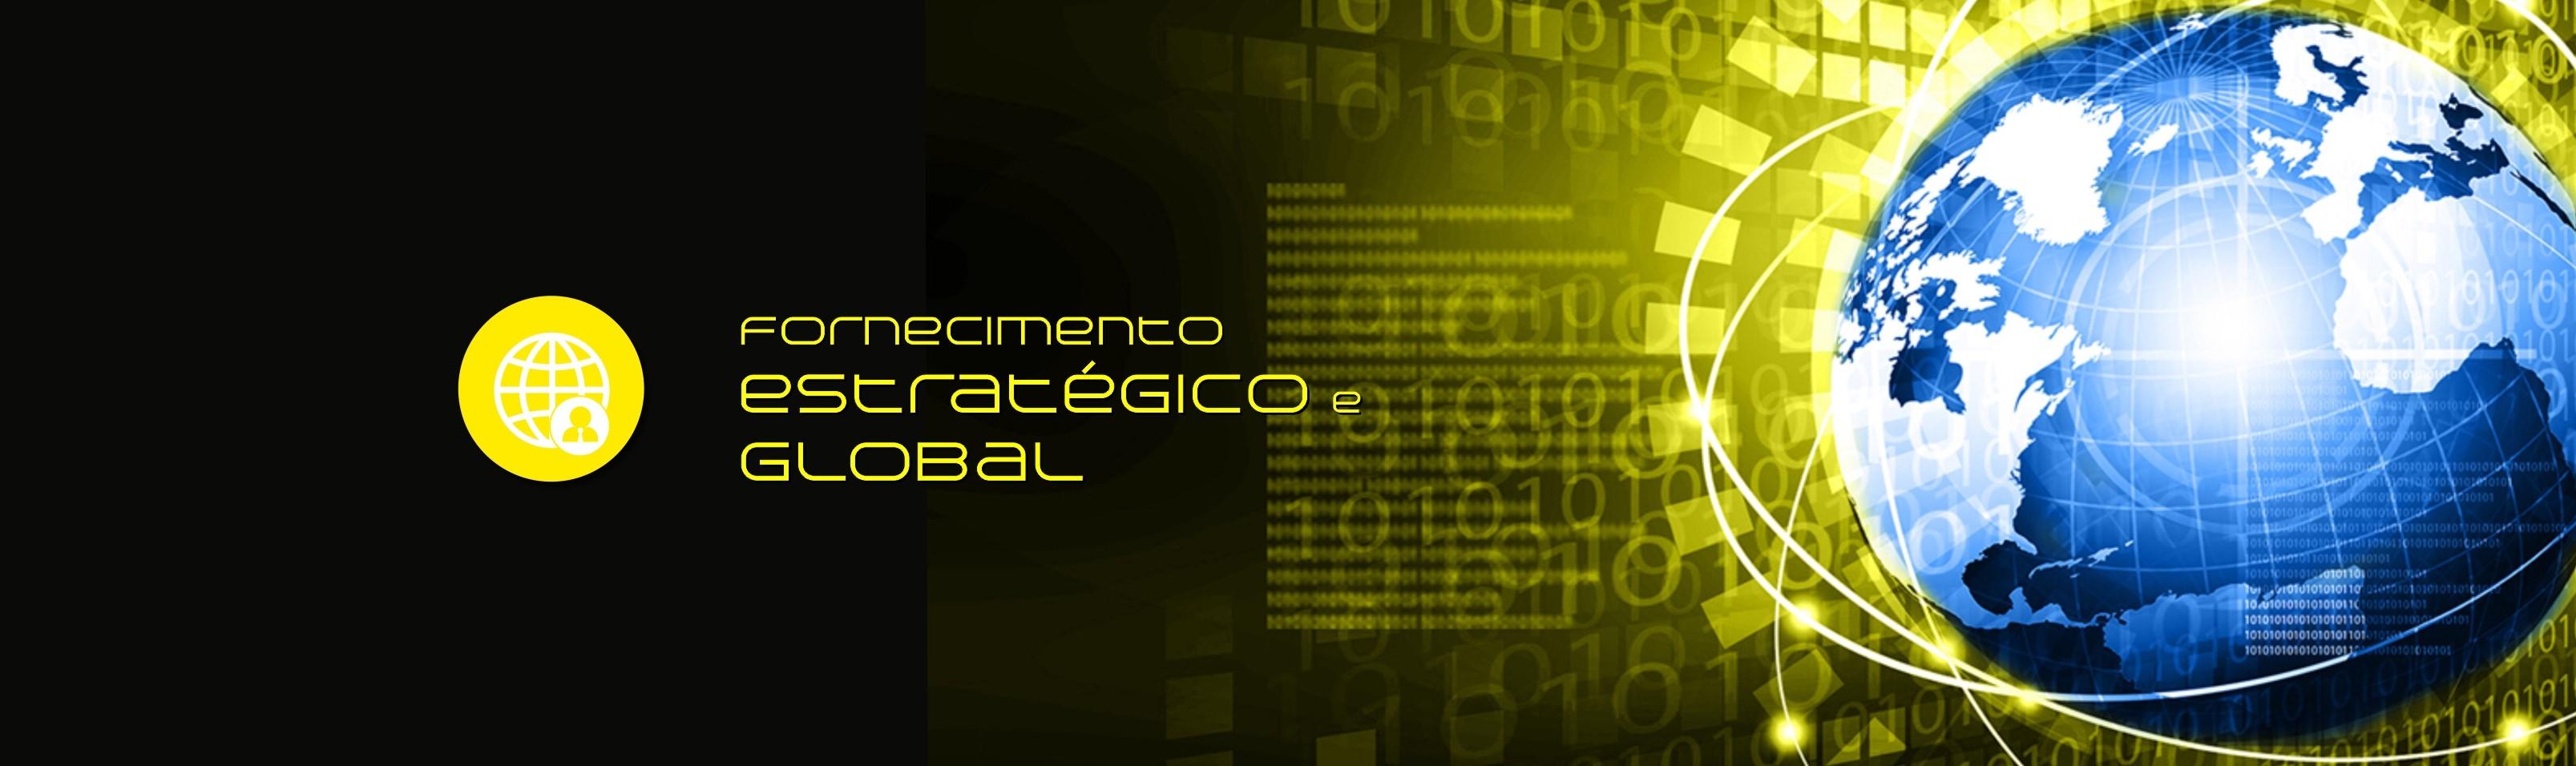 Fornecimento Estratégico e Global